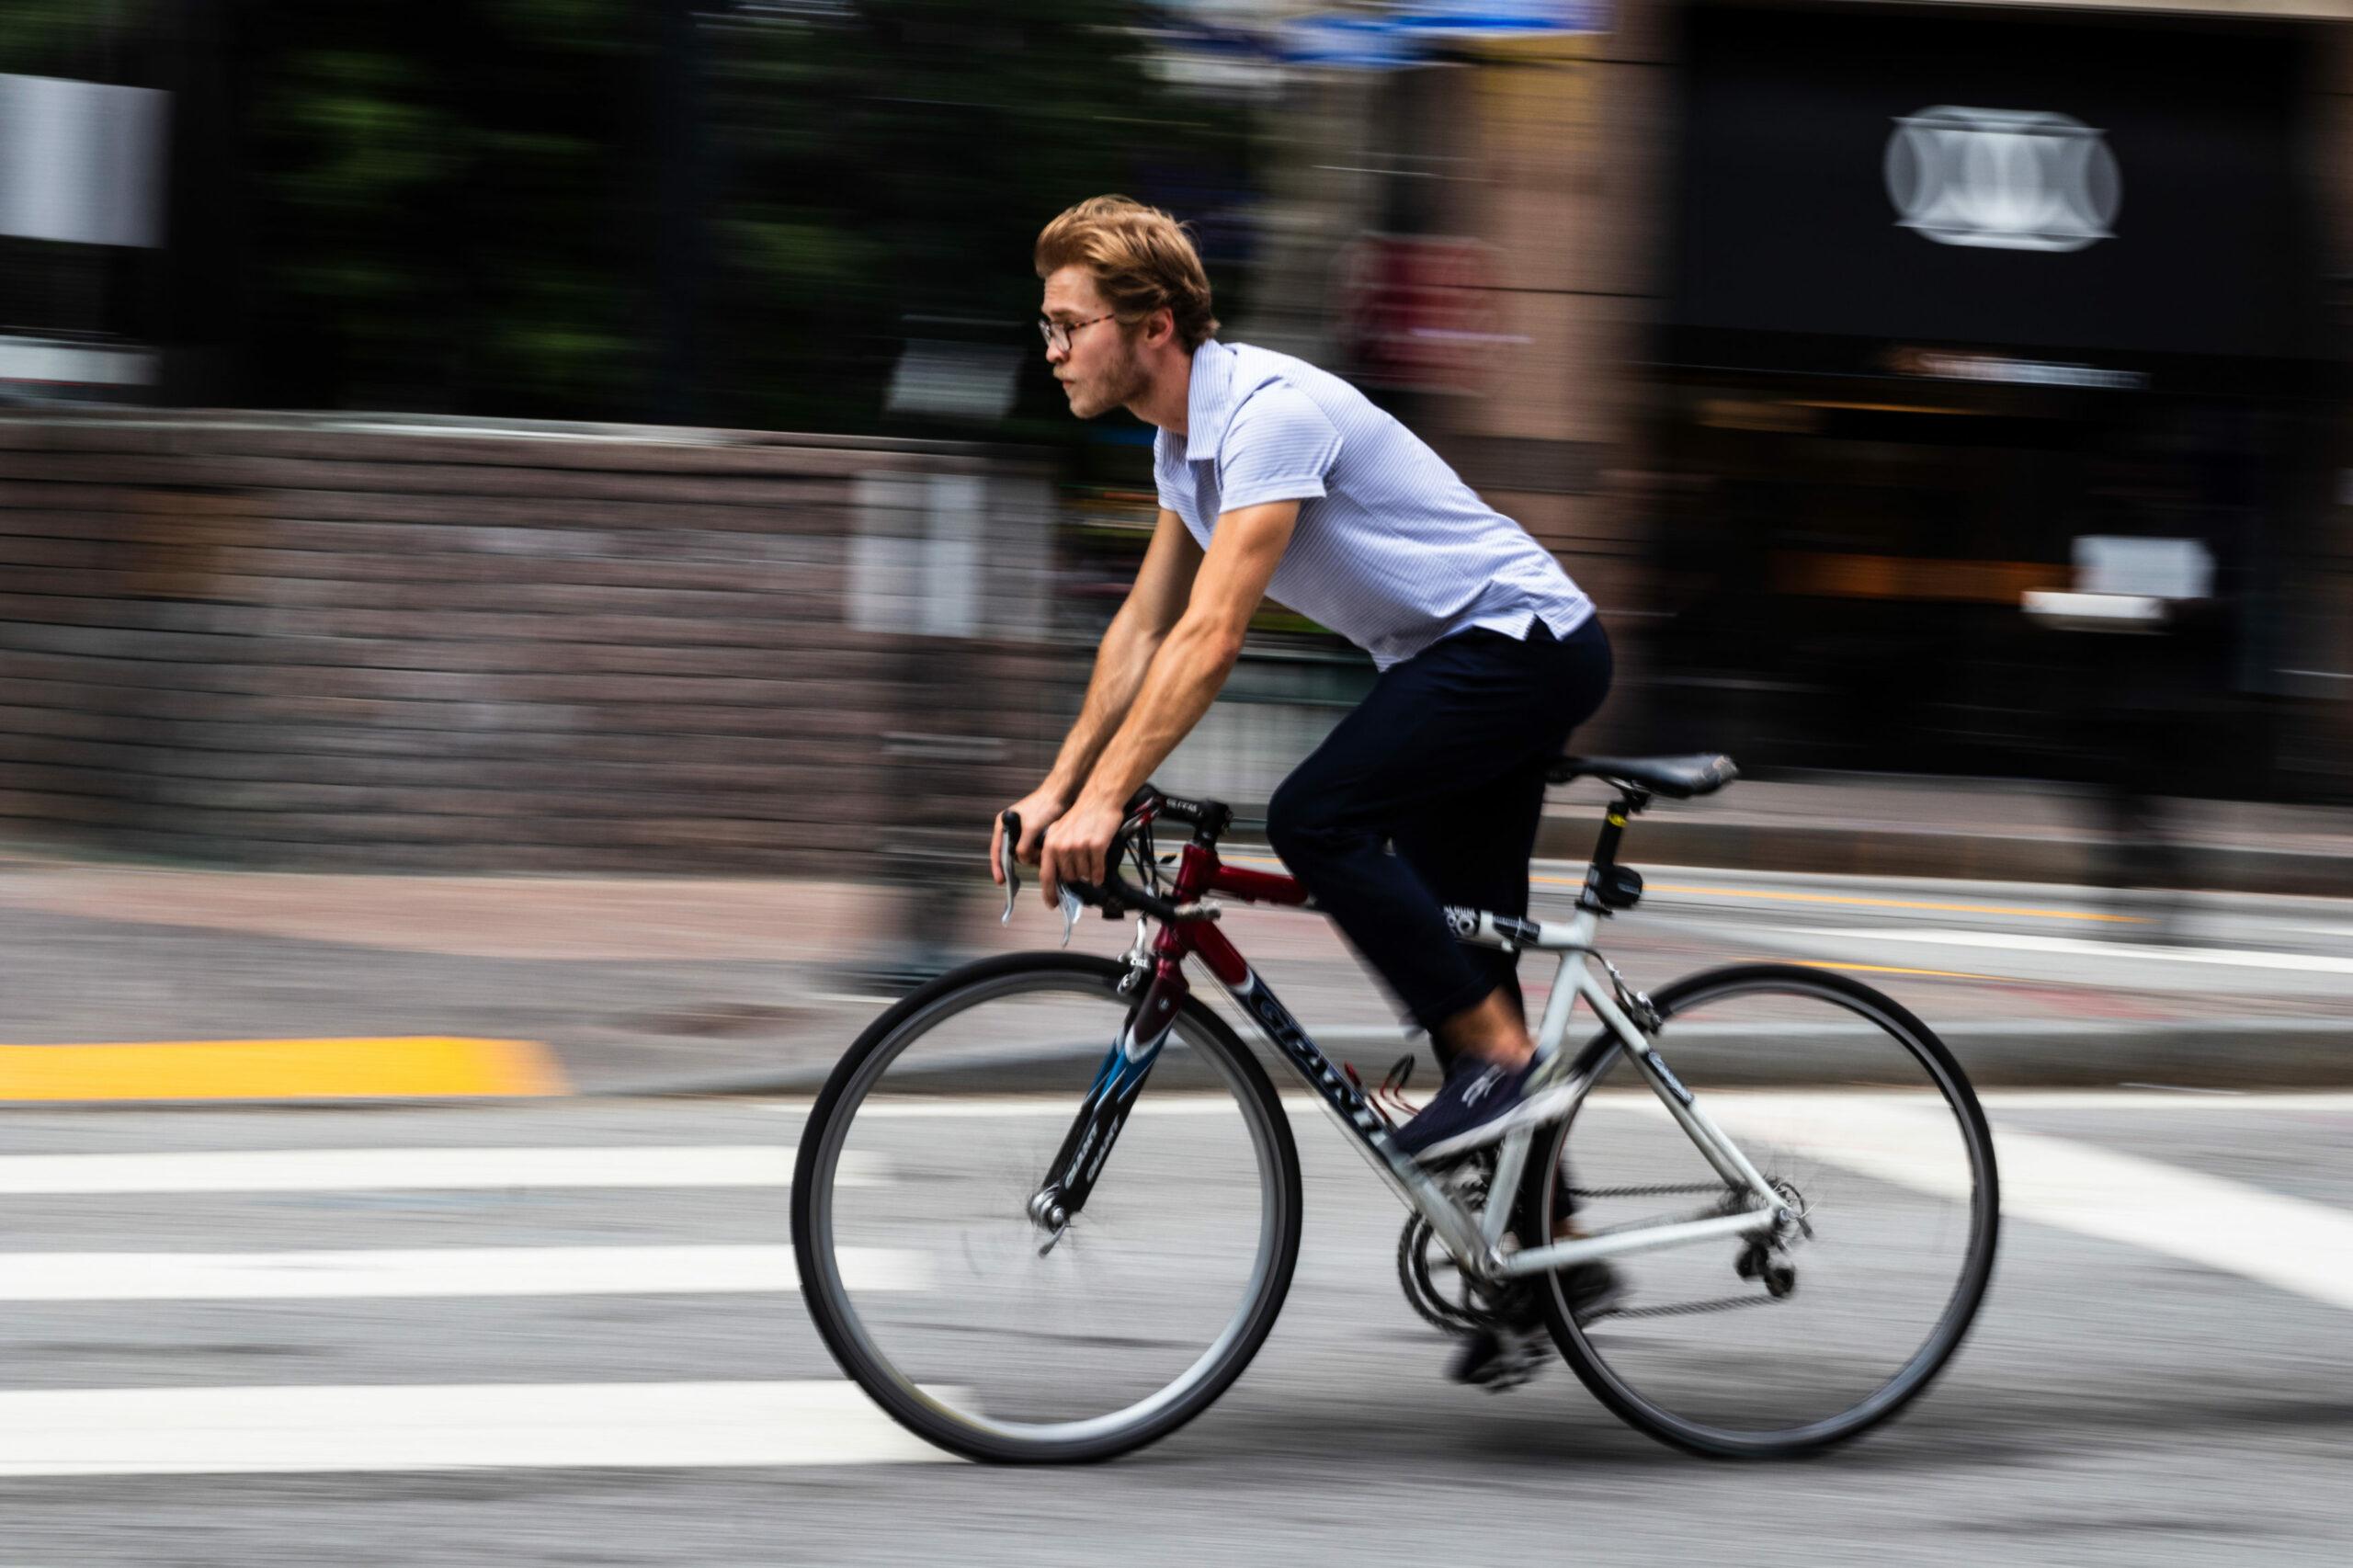 Tren Bersepeda Kembali Marak, Apakah Aman?Apa Manfaat Bersepeda?